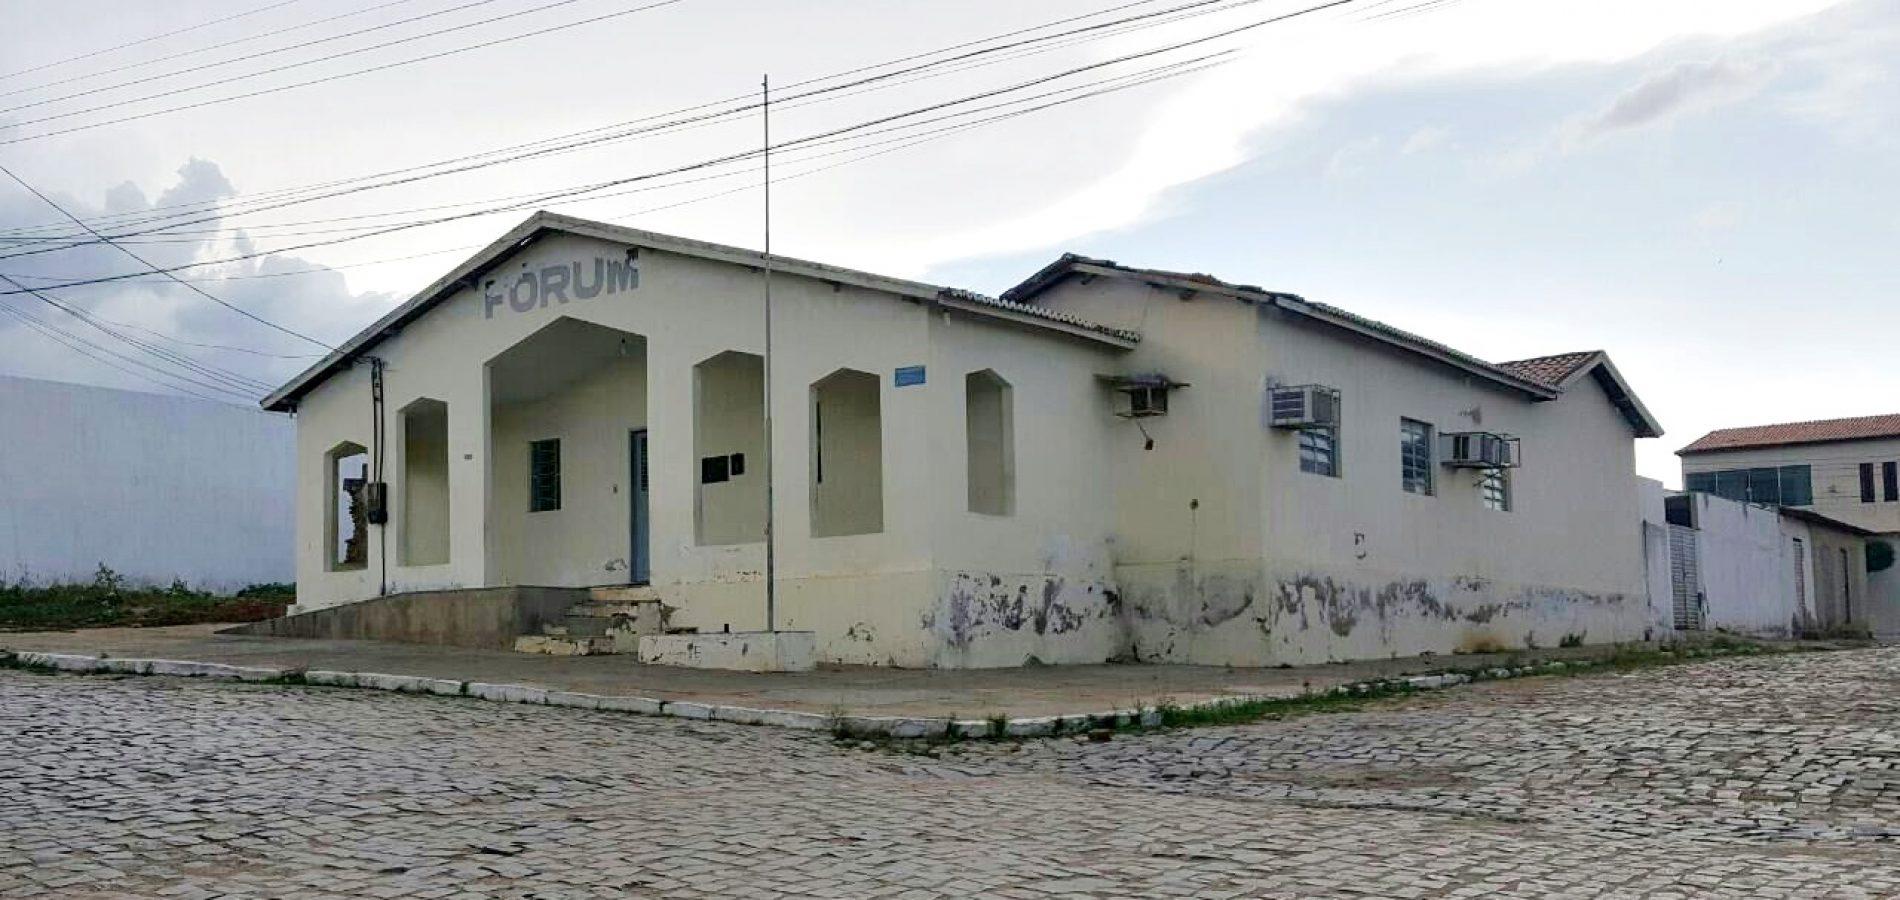 Photo of Fórum da Comarca de Simões é arrombado e armas são levadas